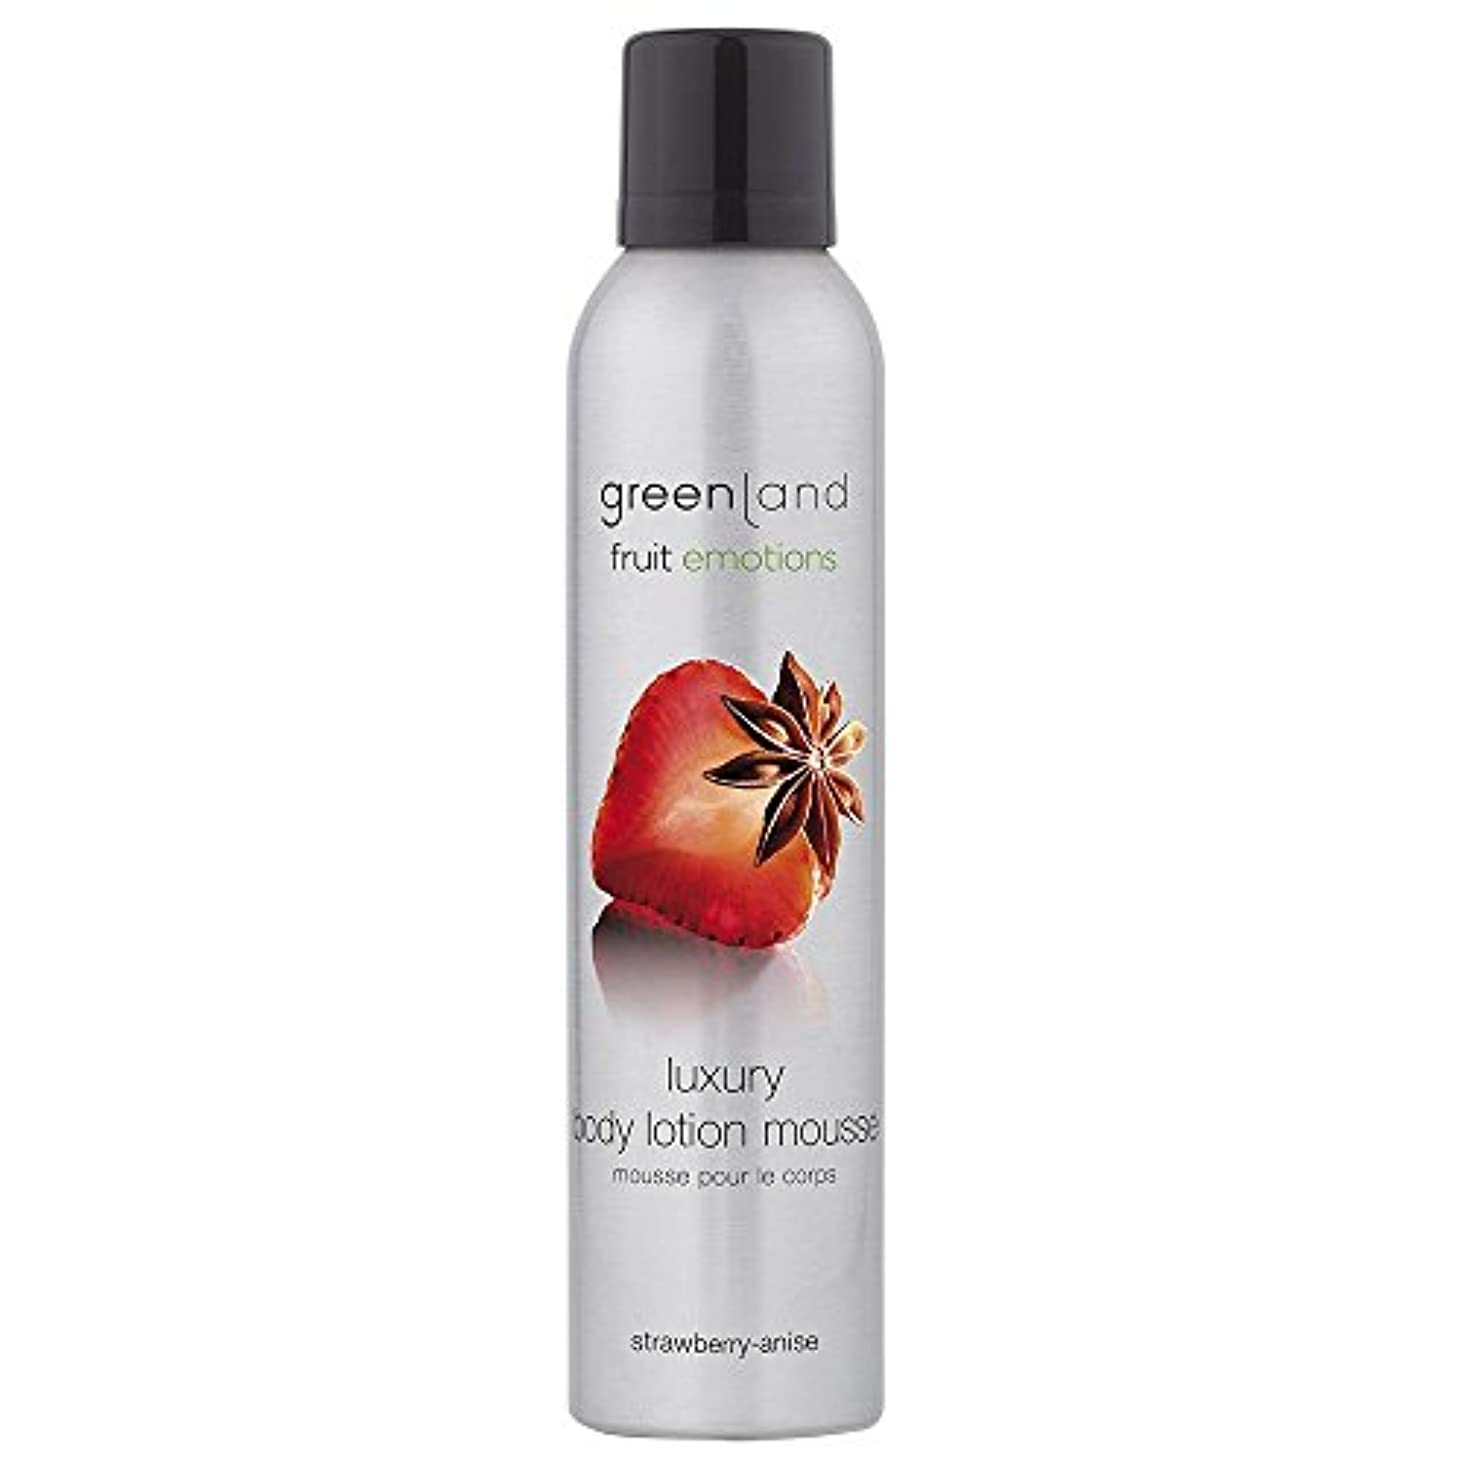 腸ネーピア眠りgreenland [FruitEmotions] ボディローションムース 200ml ストロベリー&アニス FE0287